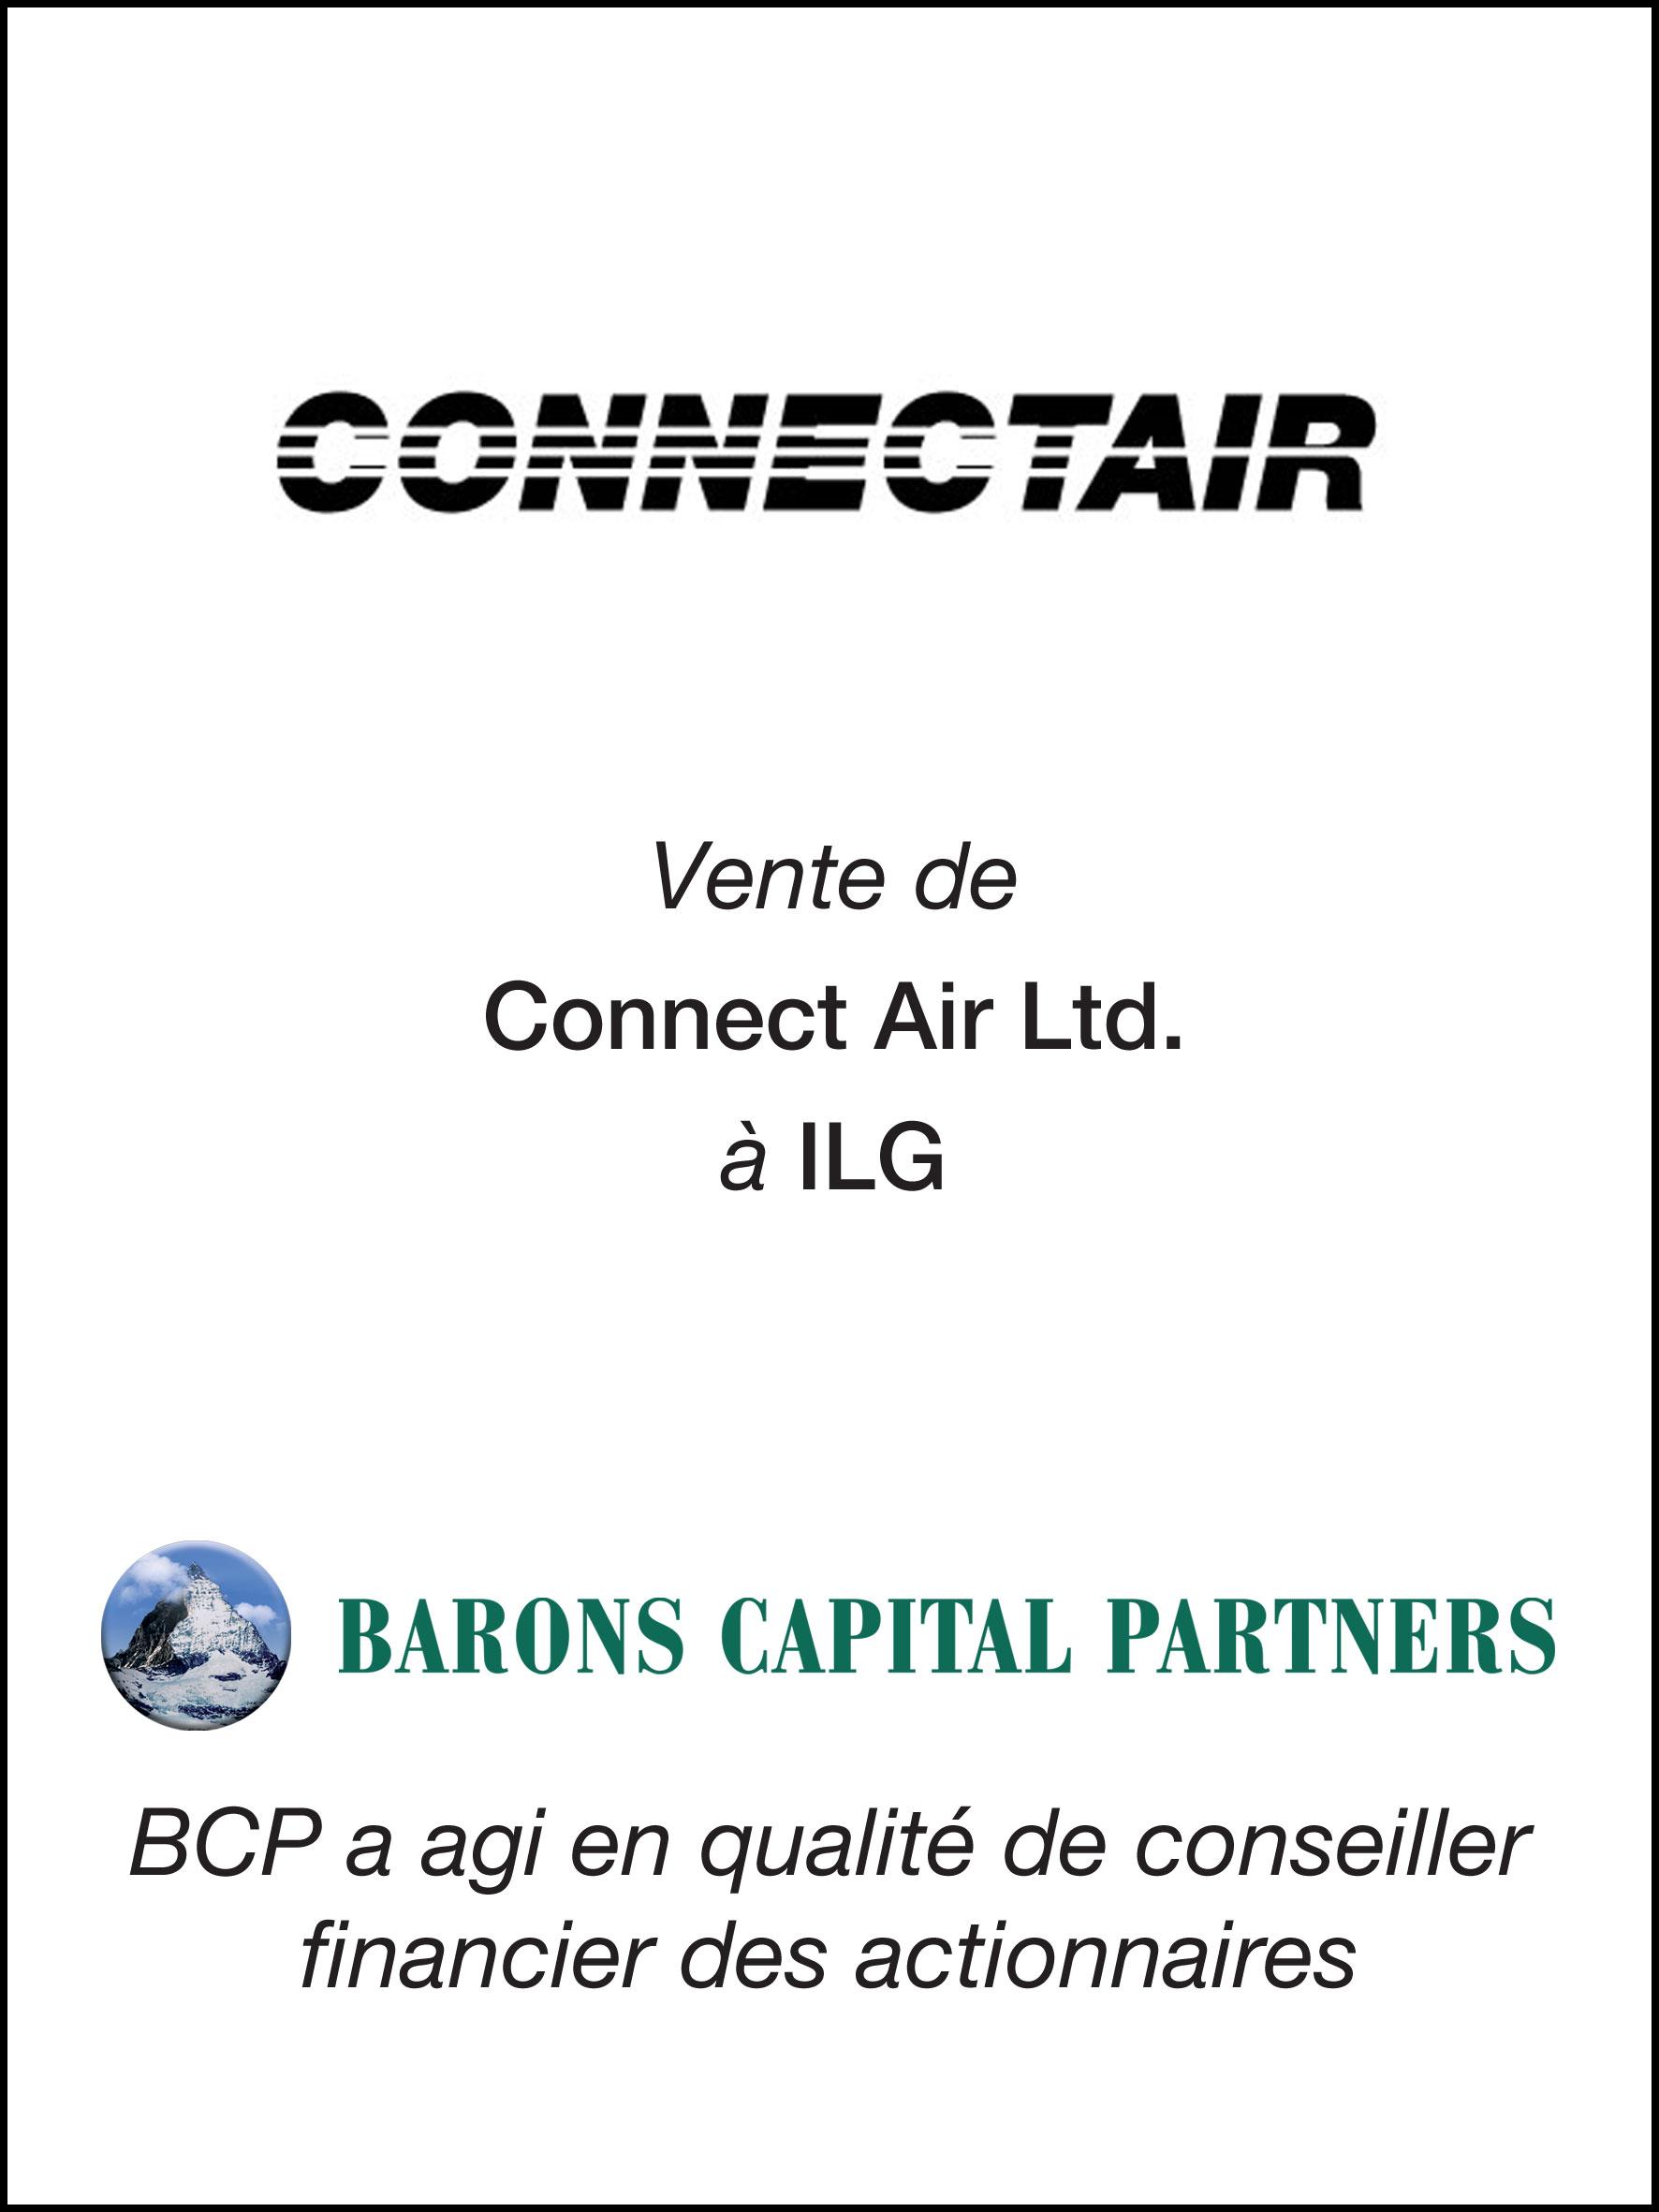 38_Connectair Ltd_F